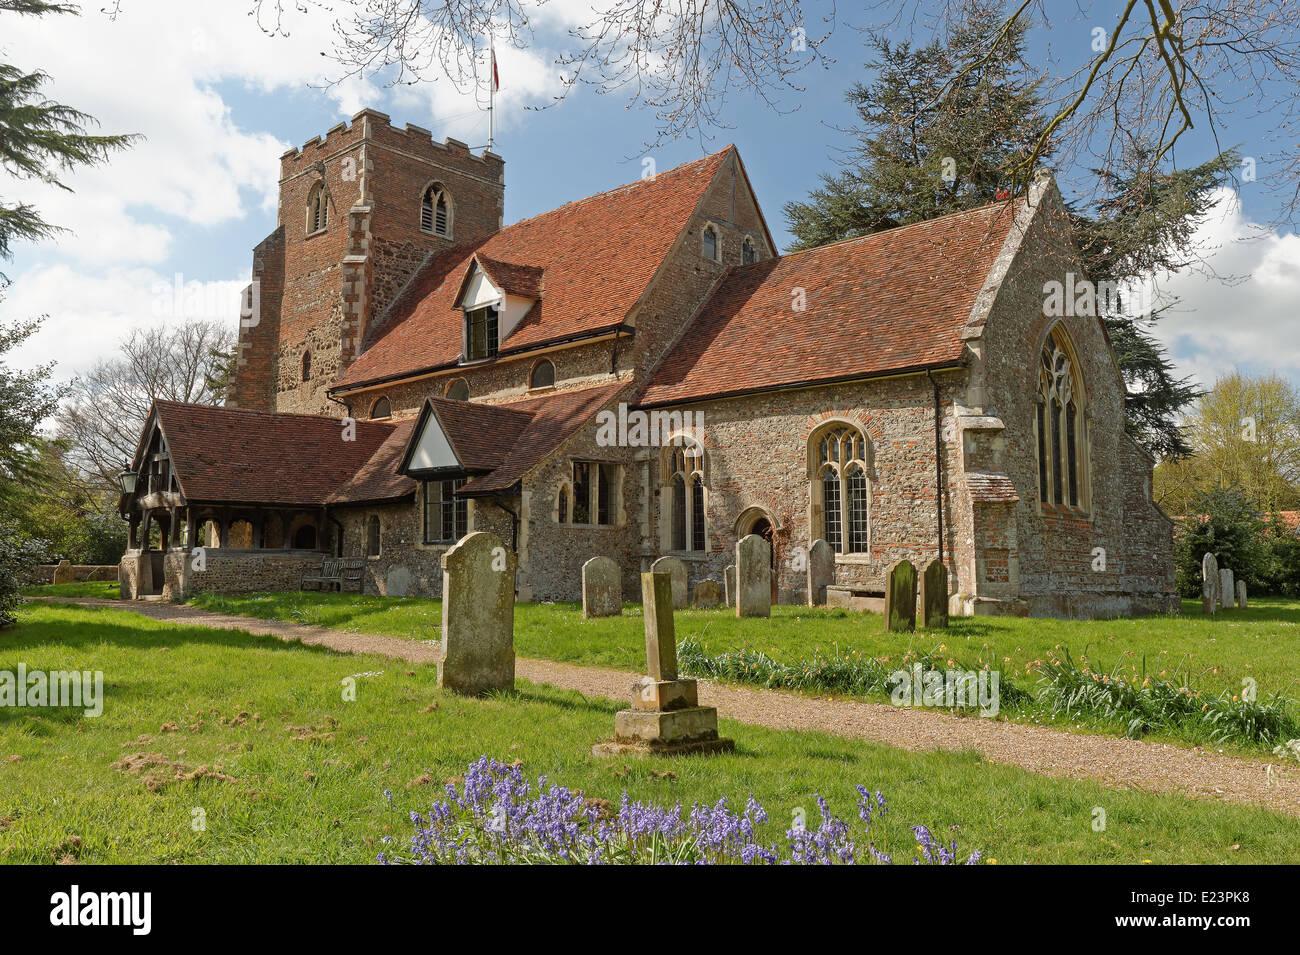 Medieval village church in the UK in springtime - Stock Image